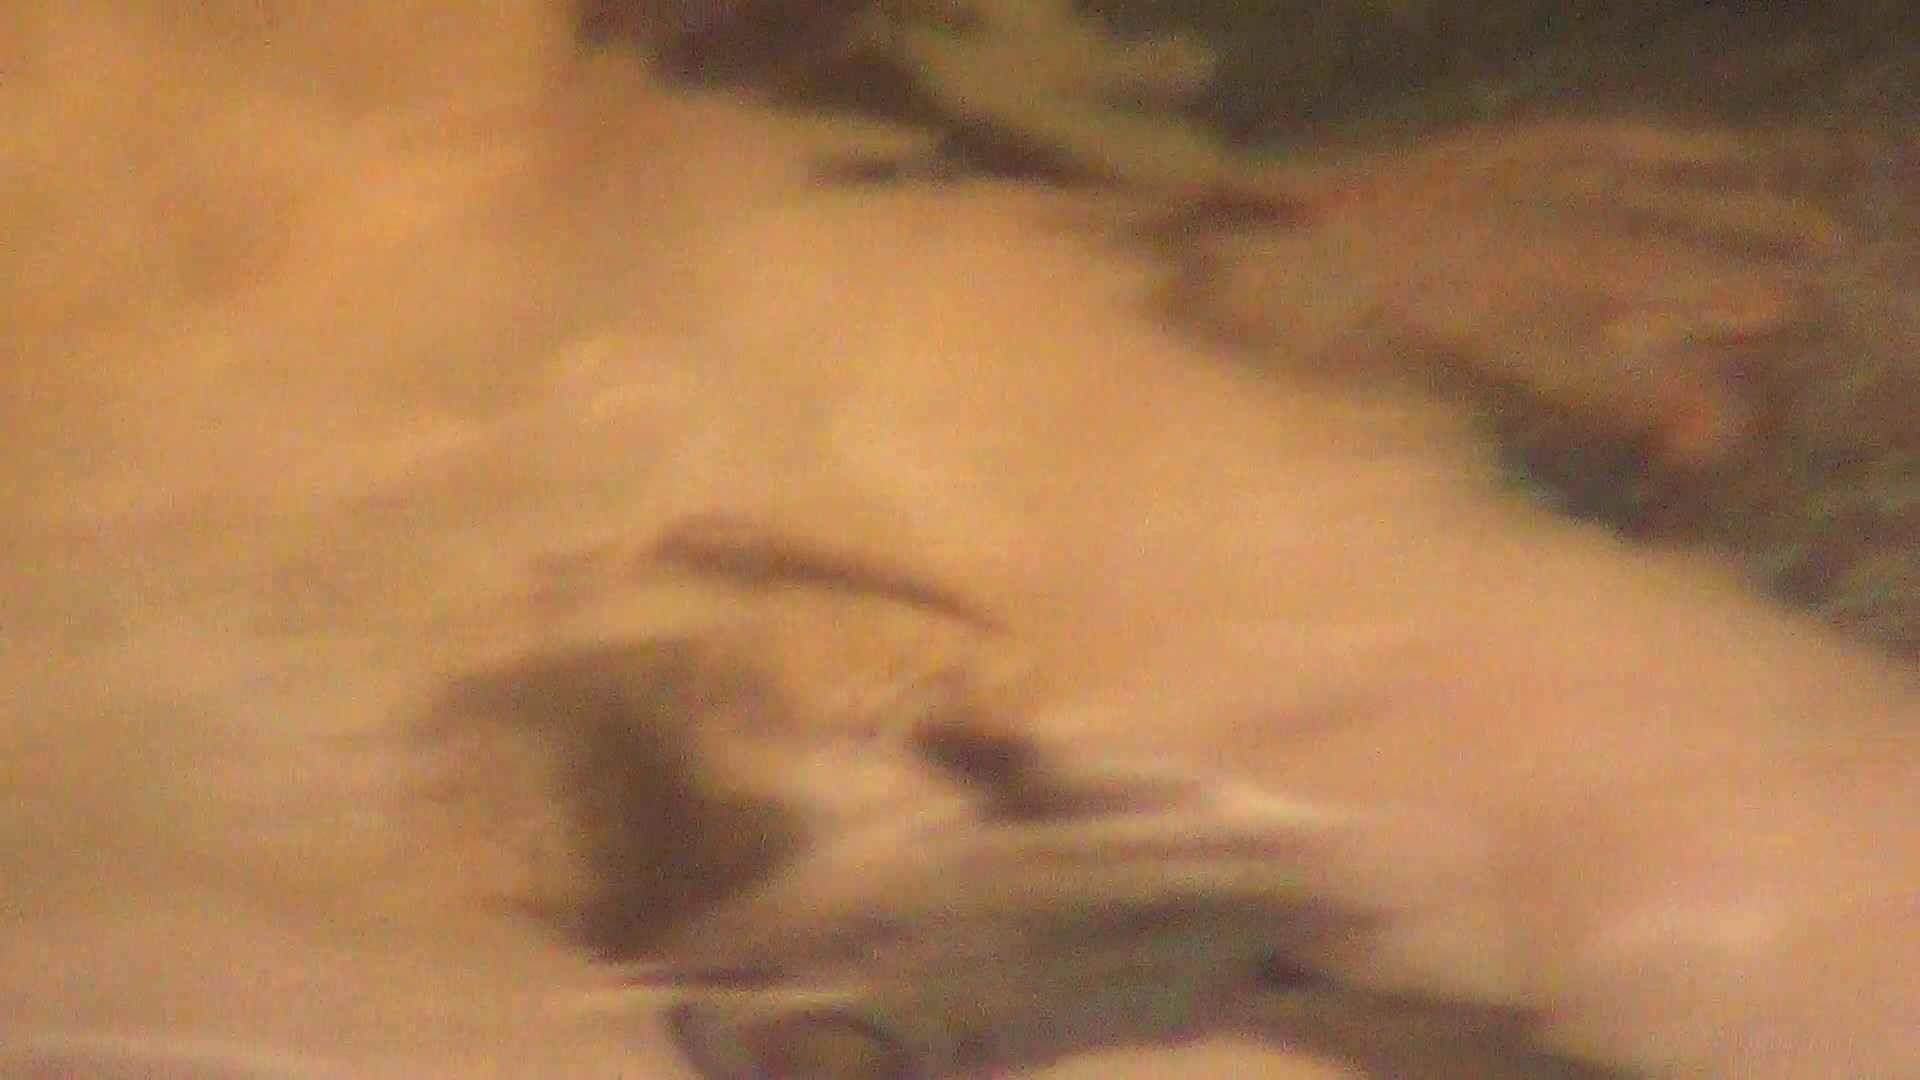 Vol.47 oyakoで登場 スレンダーだけどしっかりしたオッパイ 美女  24pic 18